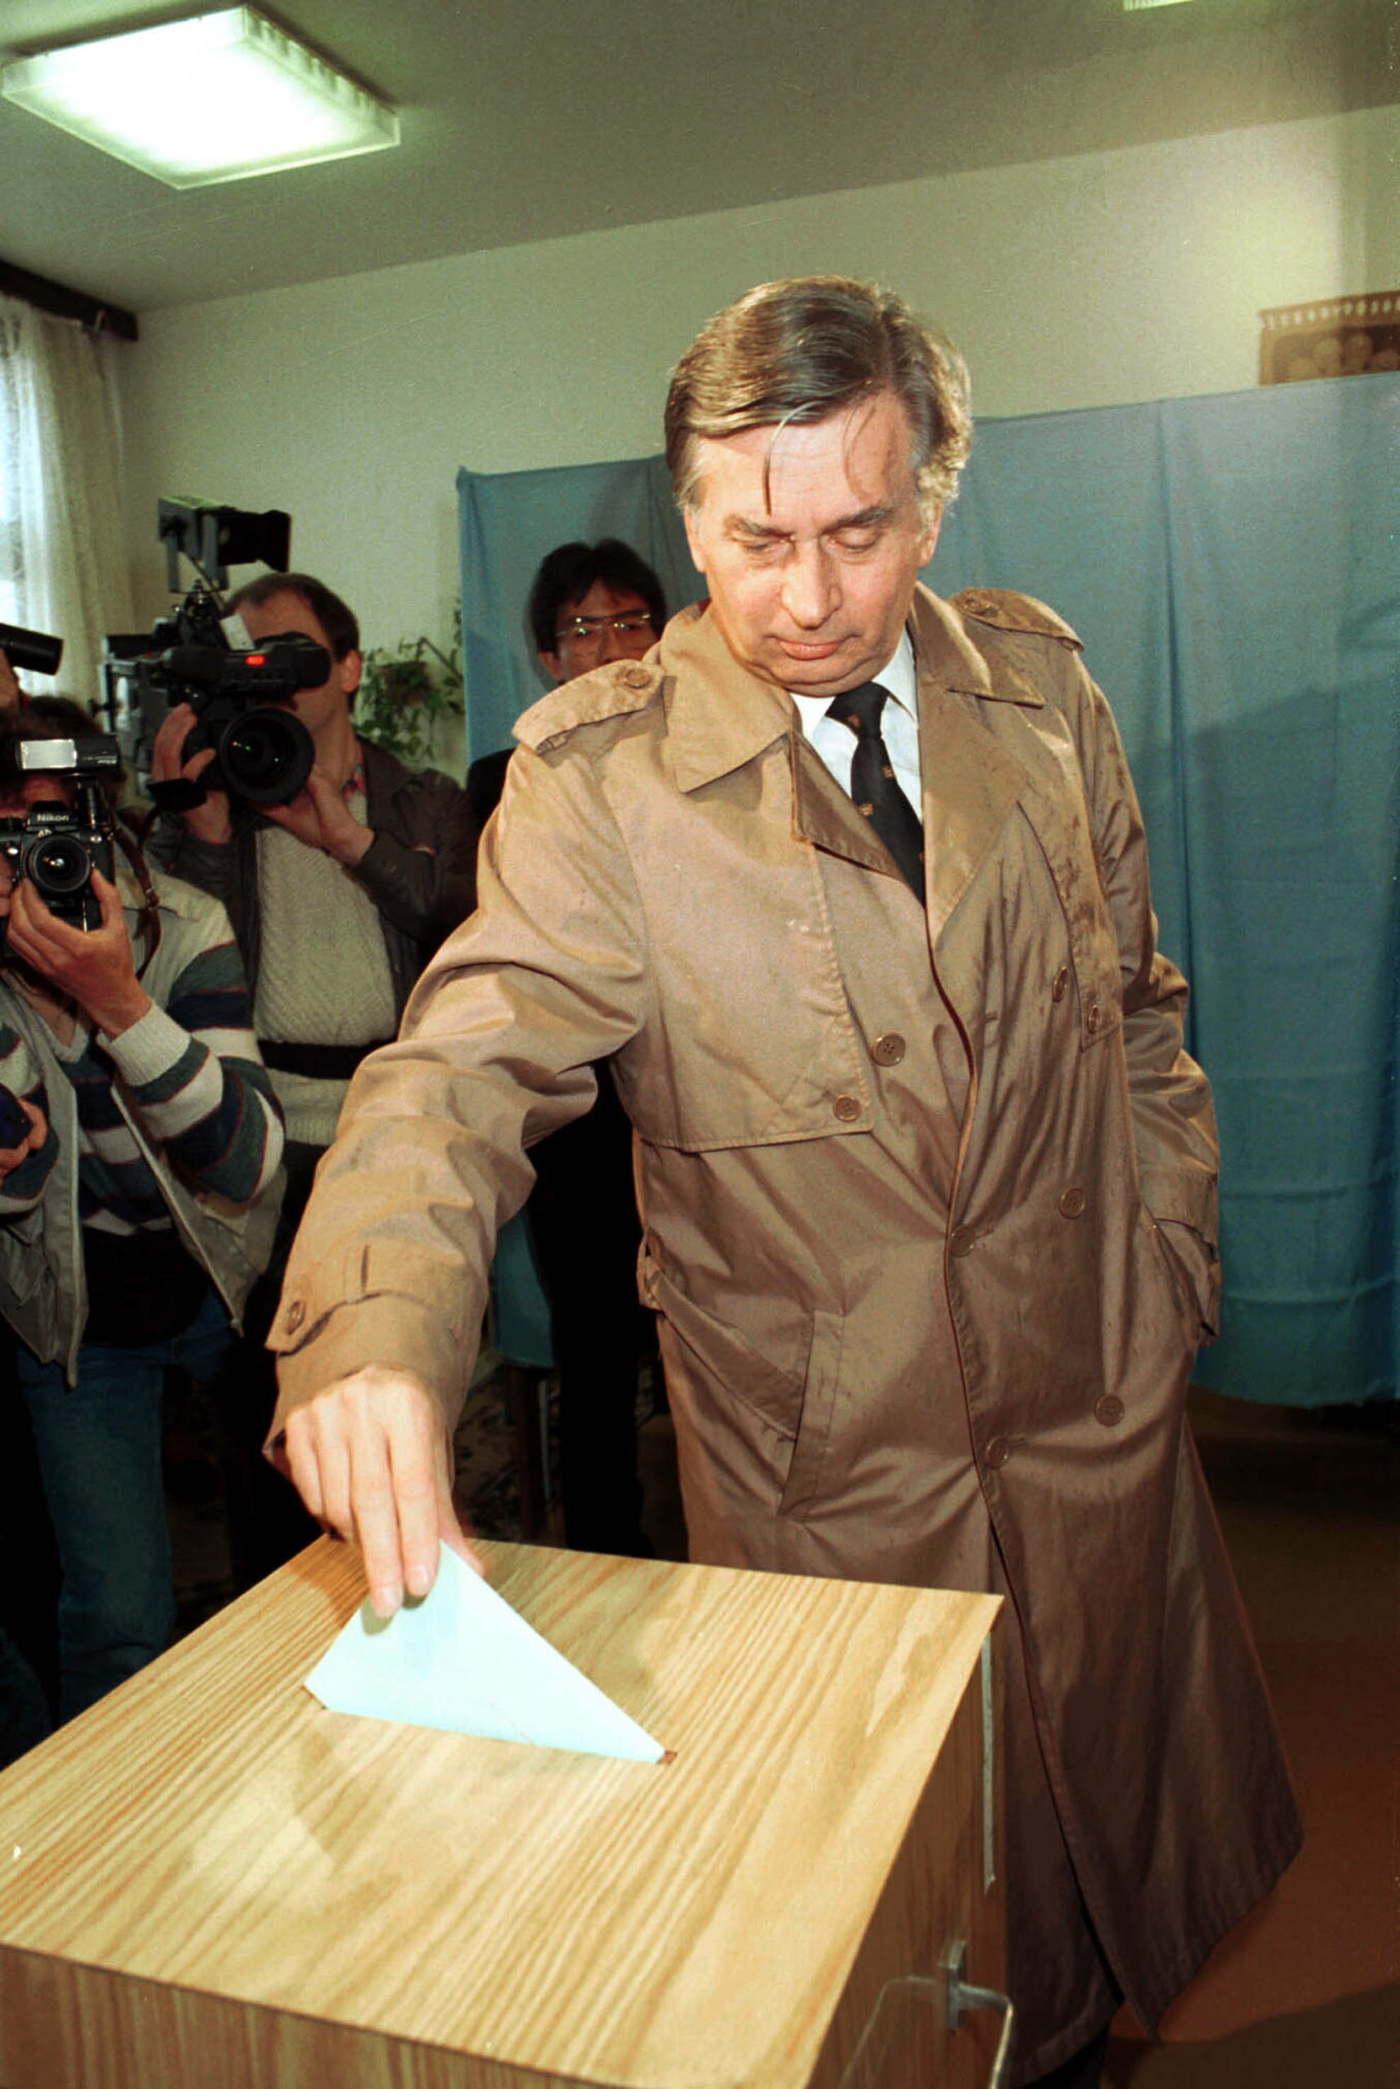 Antall József pártelnök (MDF) bedobja szavazócéduláját az urnába az első szabad választáson. MTI Fotó: Kovács Attila